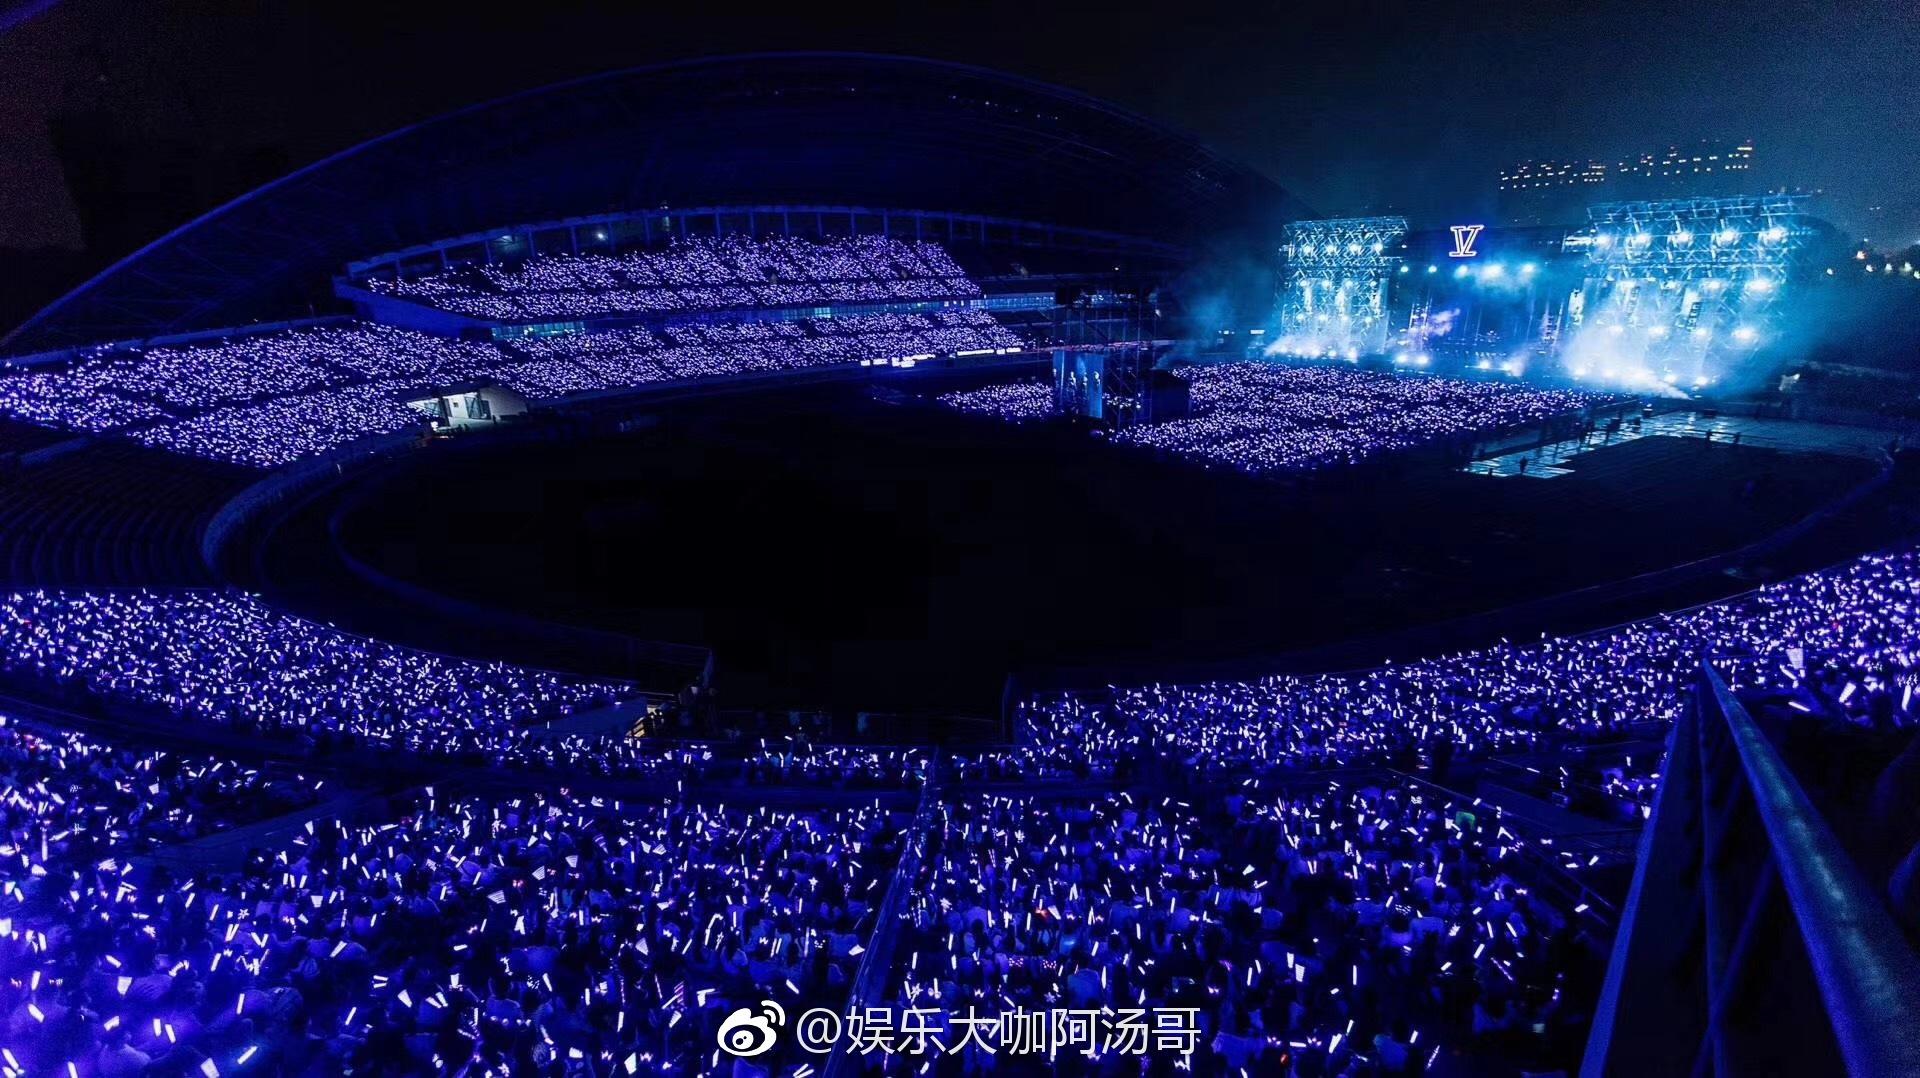 张杰鸟巢演唱会 今晚七点,北京鸟巢